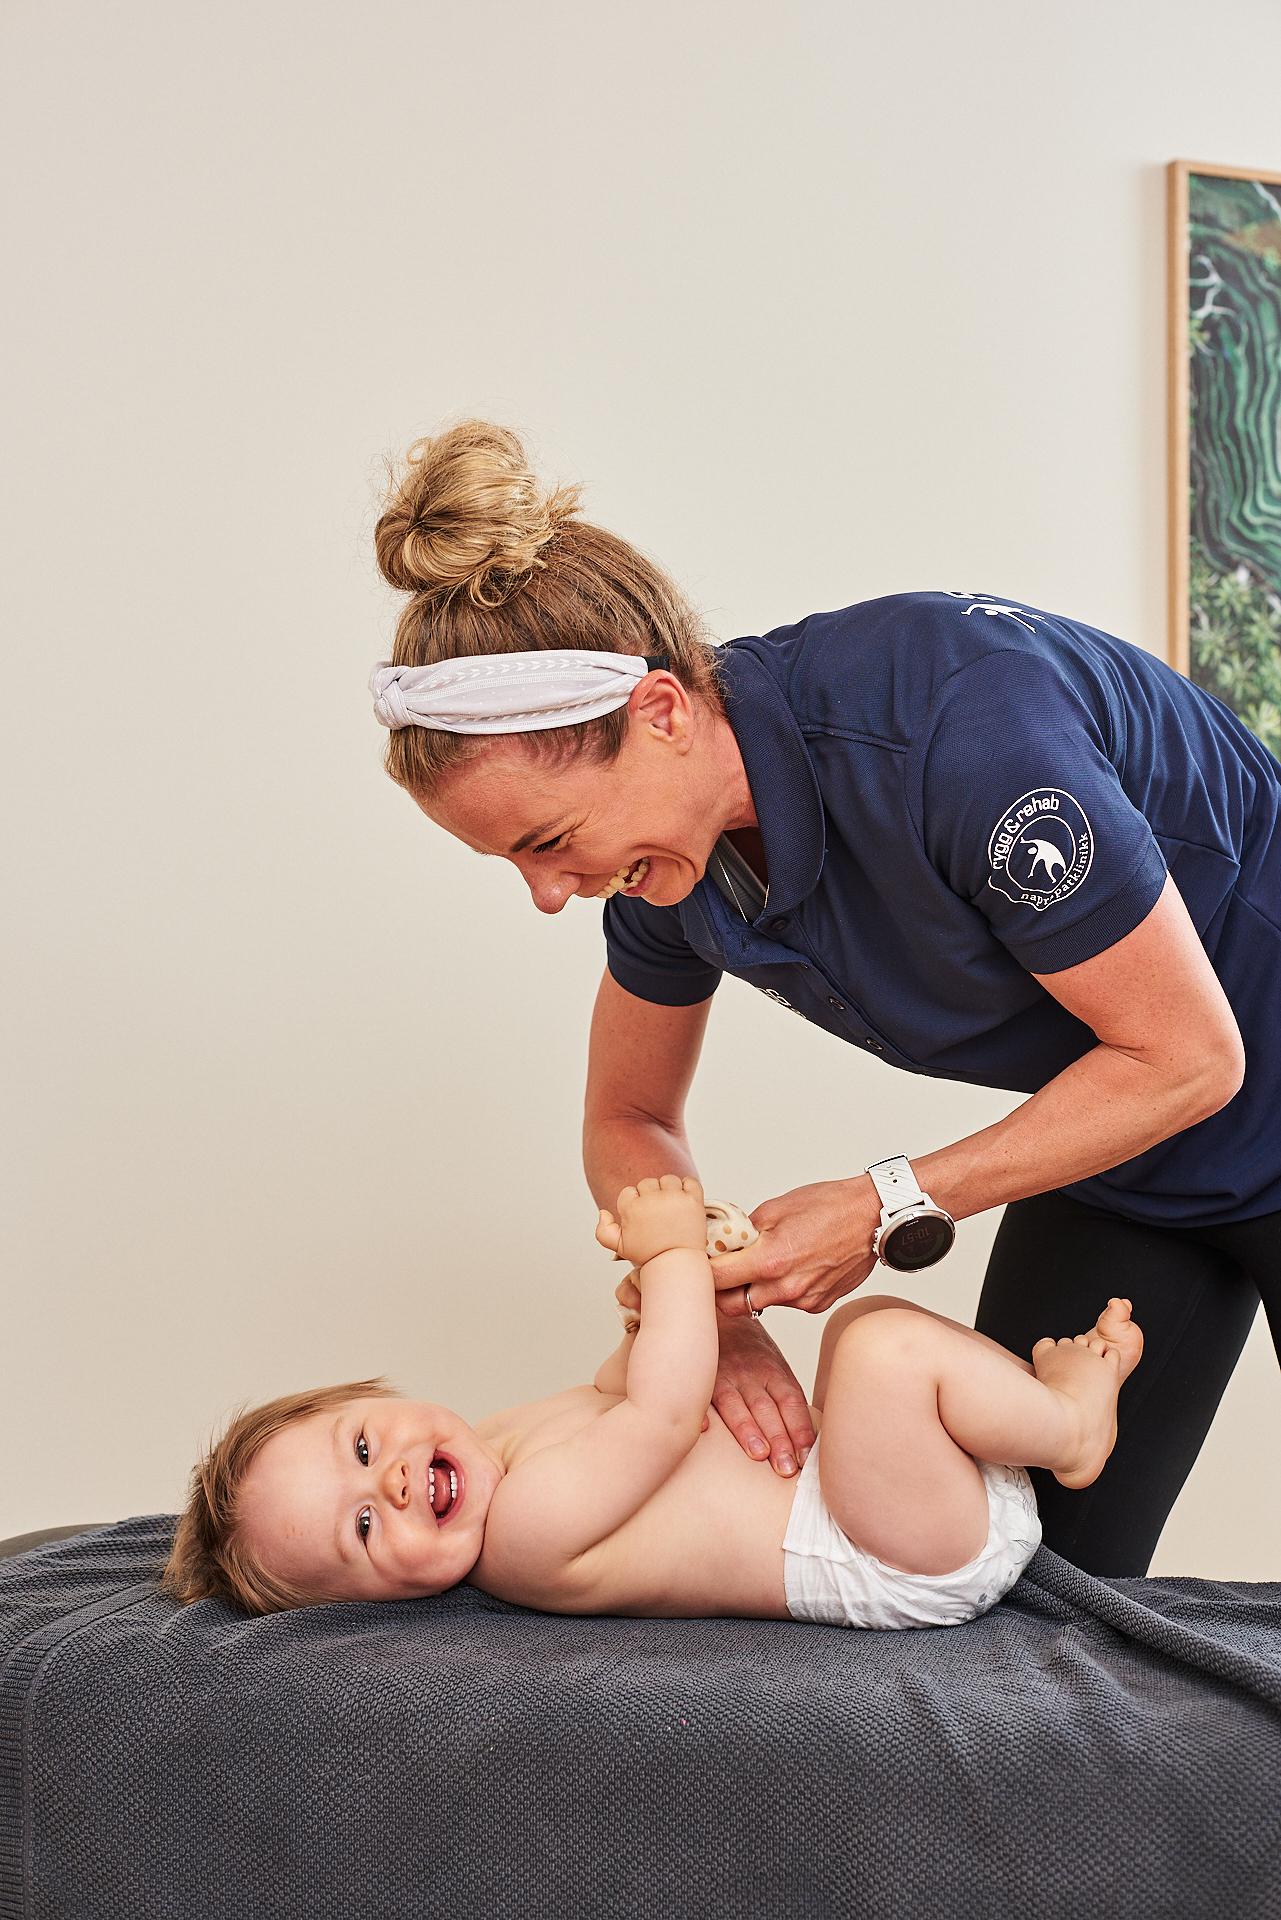 Behandling av barn kiropraktor